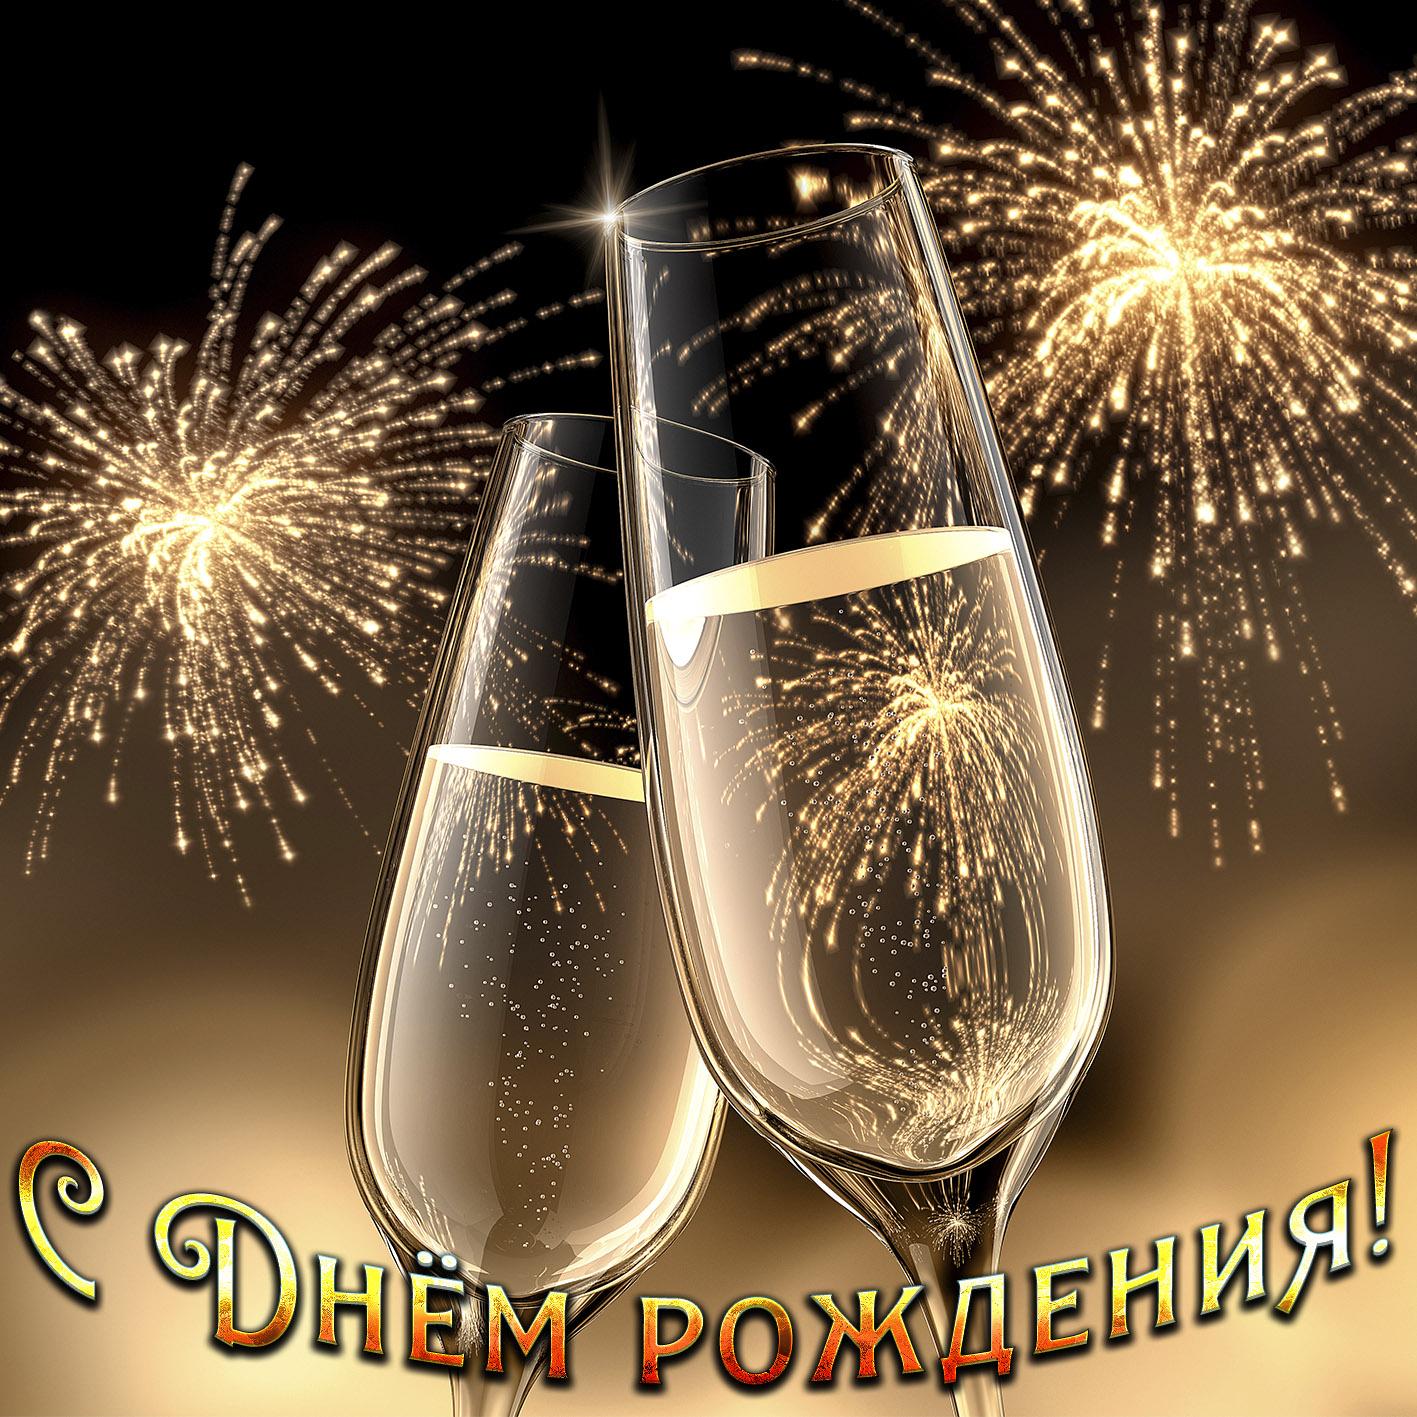 Картинка с бокалами шампанского и салютом на День рождения